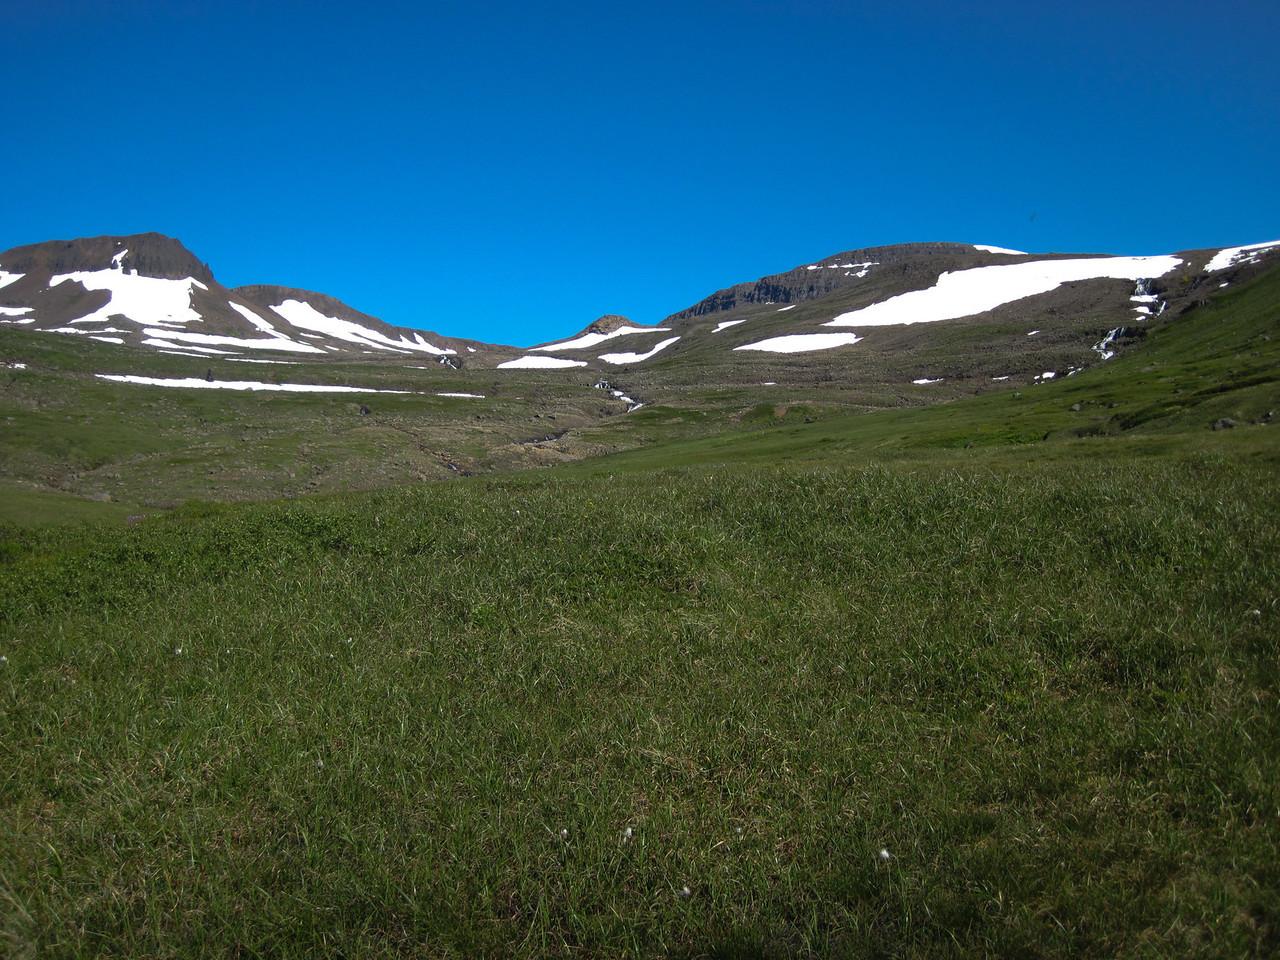 Þarna einhvers staðar undir enda Hyrnukjalar eru Þrengsli, leiðin yfir í Barðsvík